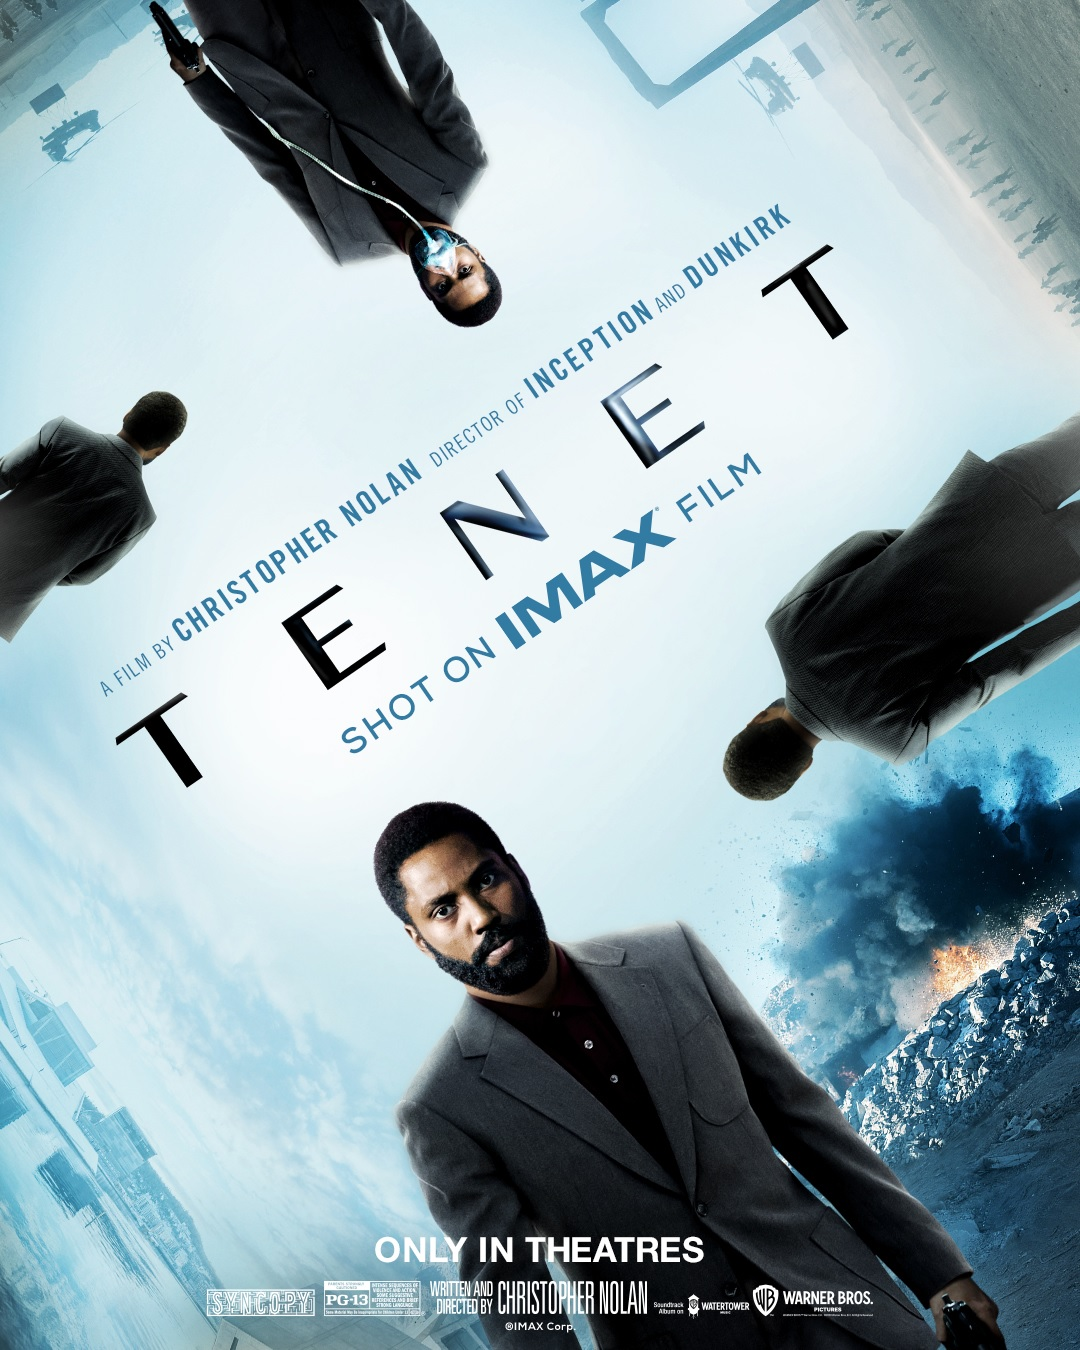 Le film sortira bien à la fin de l'été en France — Tenet